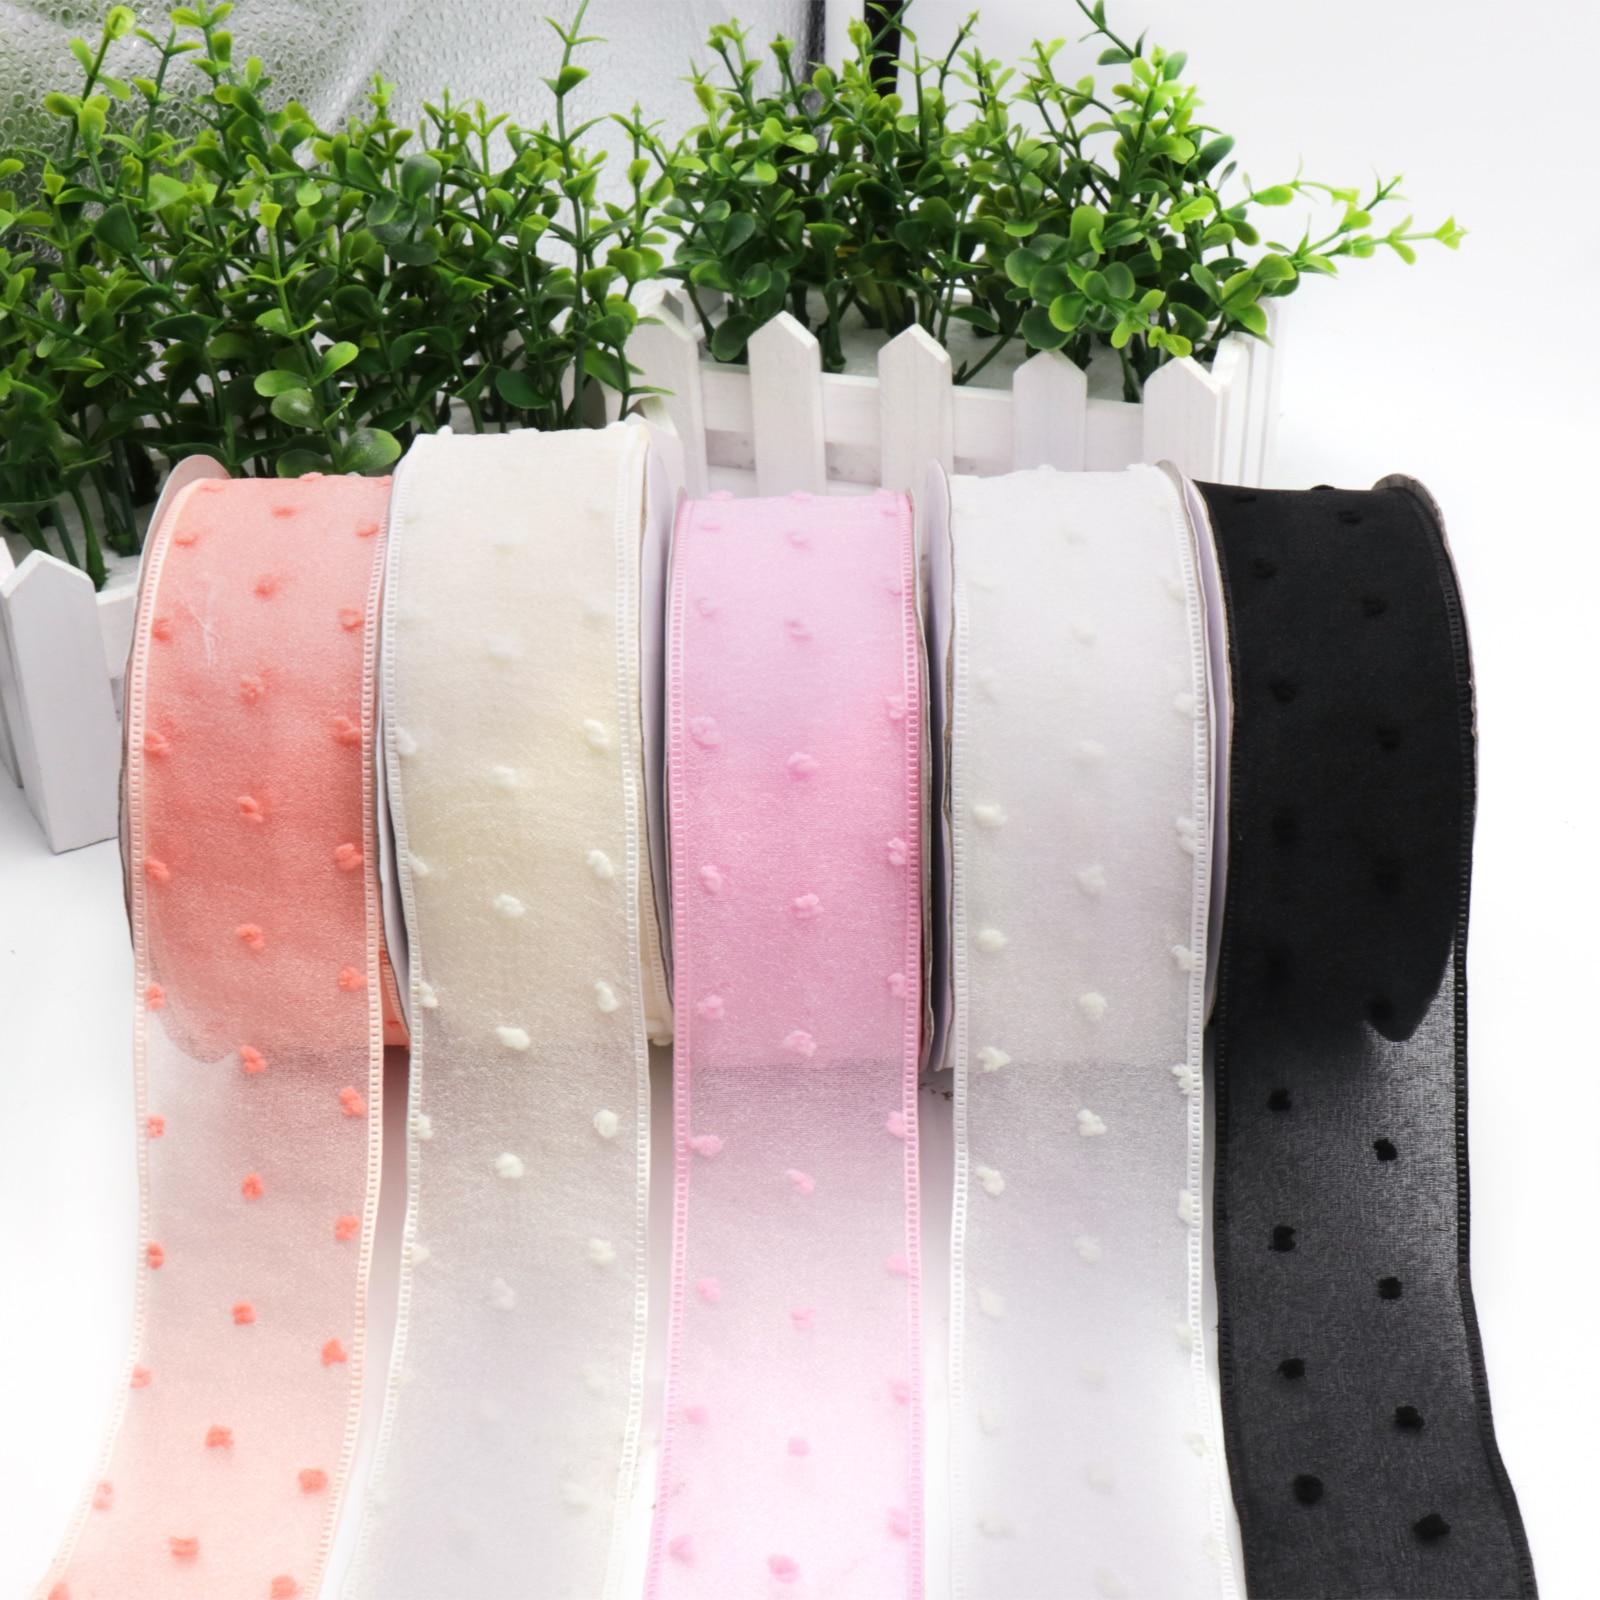 5Yard 4cm Organza Chiffon Yarn Fringe Ribbon DIY Gift Woven Garment Accessories Packaging Wedding Craft